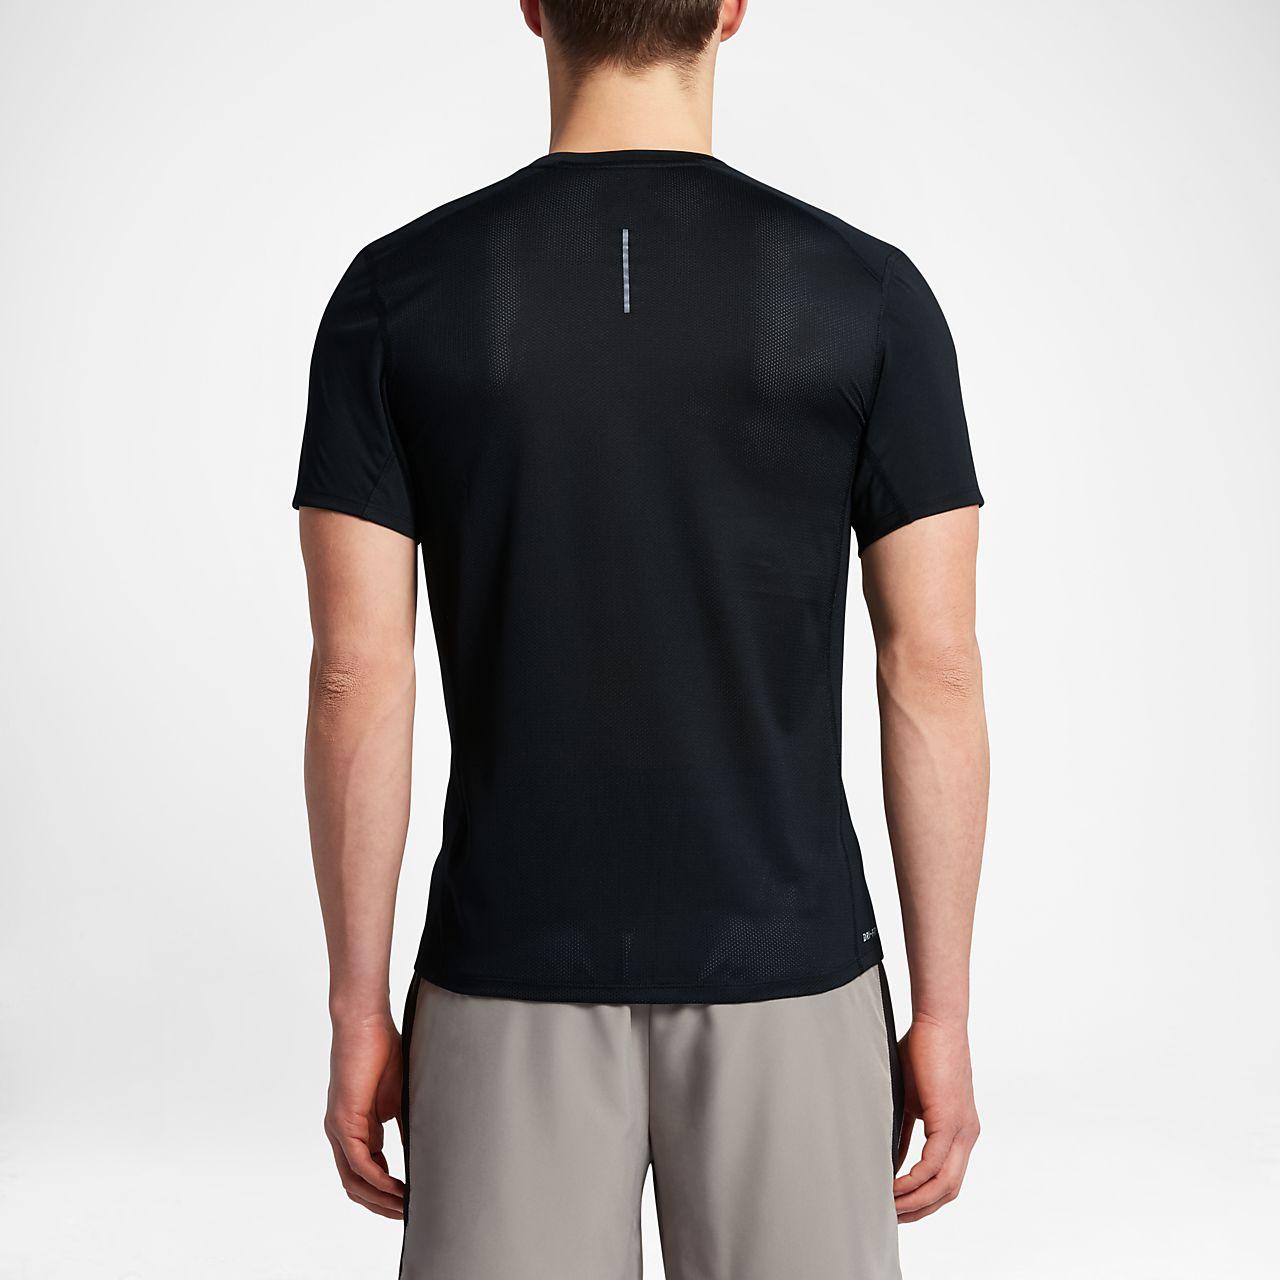 Nike Polo à manches courtes pour homme Manchester United noir Noir Small Prix Incroyable Pas Cher Acheter Moins Cher Pas Cher Vente Finishline Sortie Pour Pas Cher DkFc7